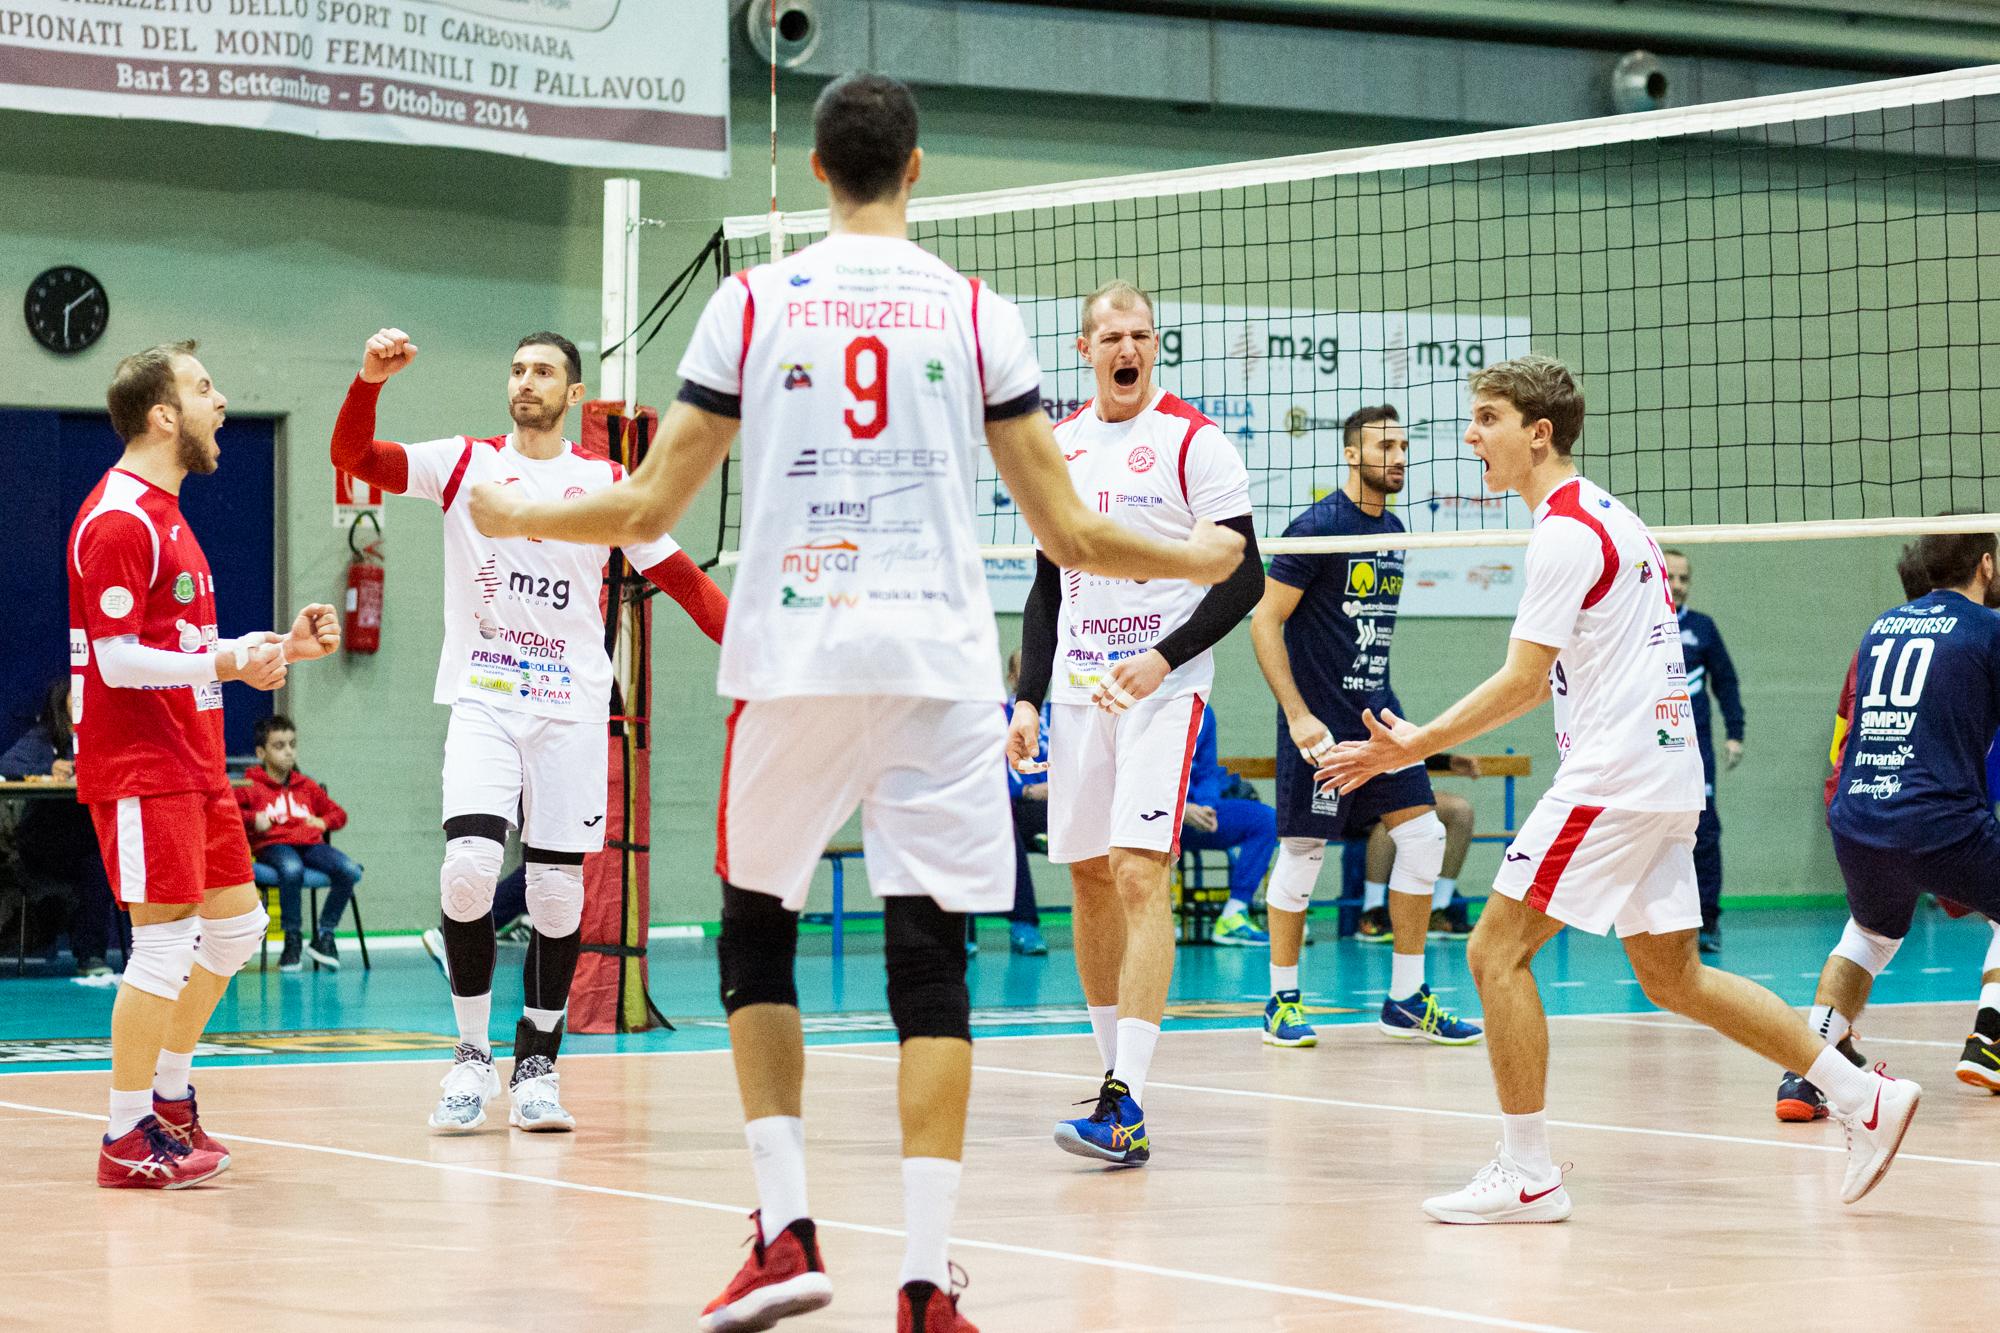 La M2G Group Bari debutta in Coppa Italia: domani l'andata dei quarti contro Civita Castellana